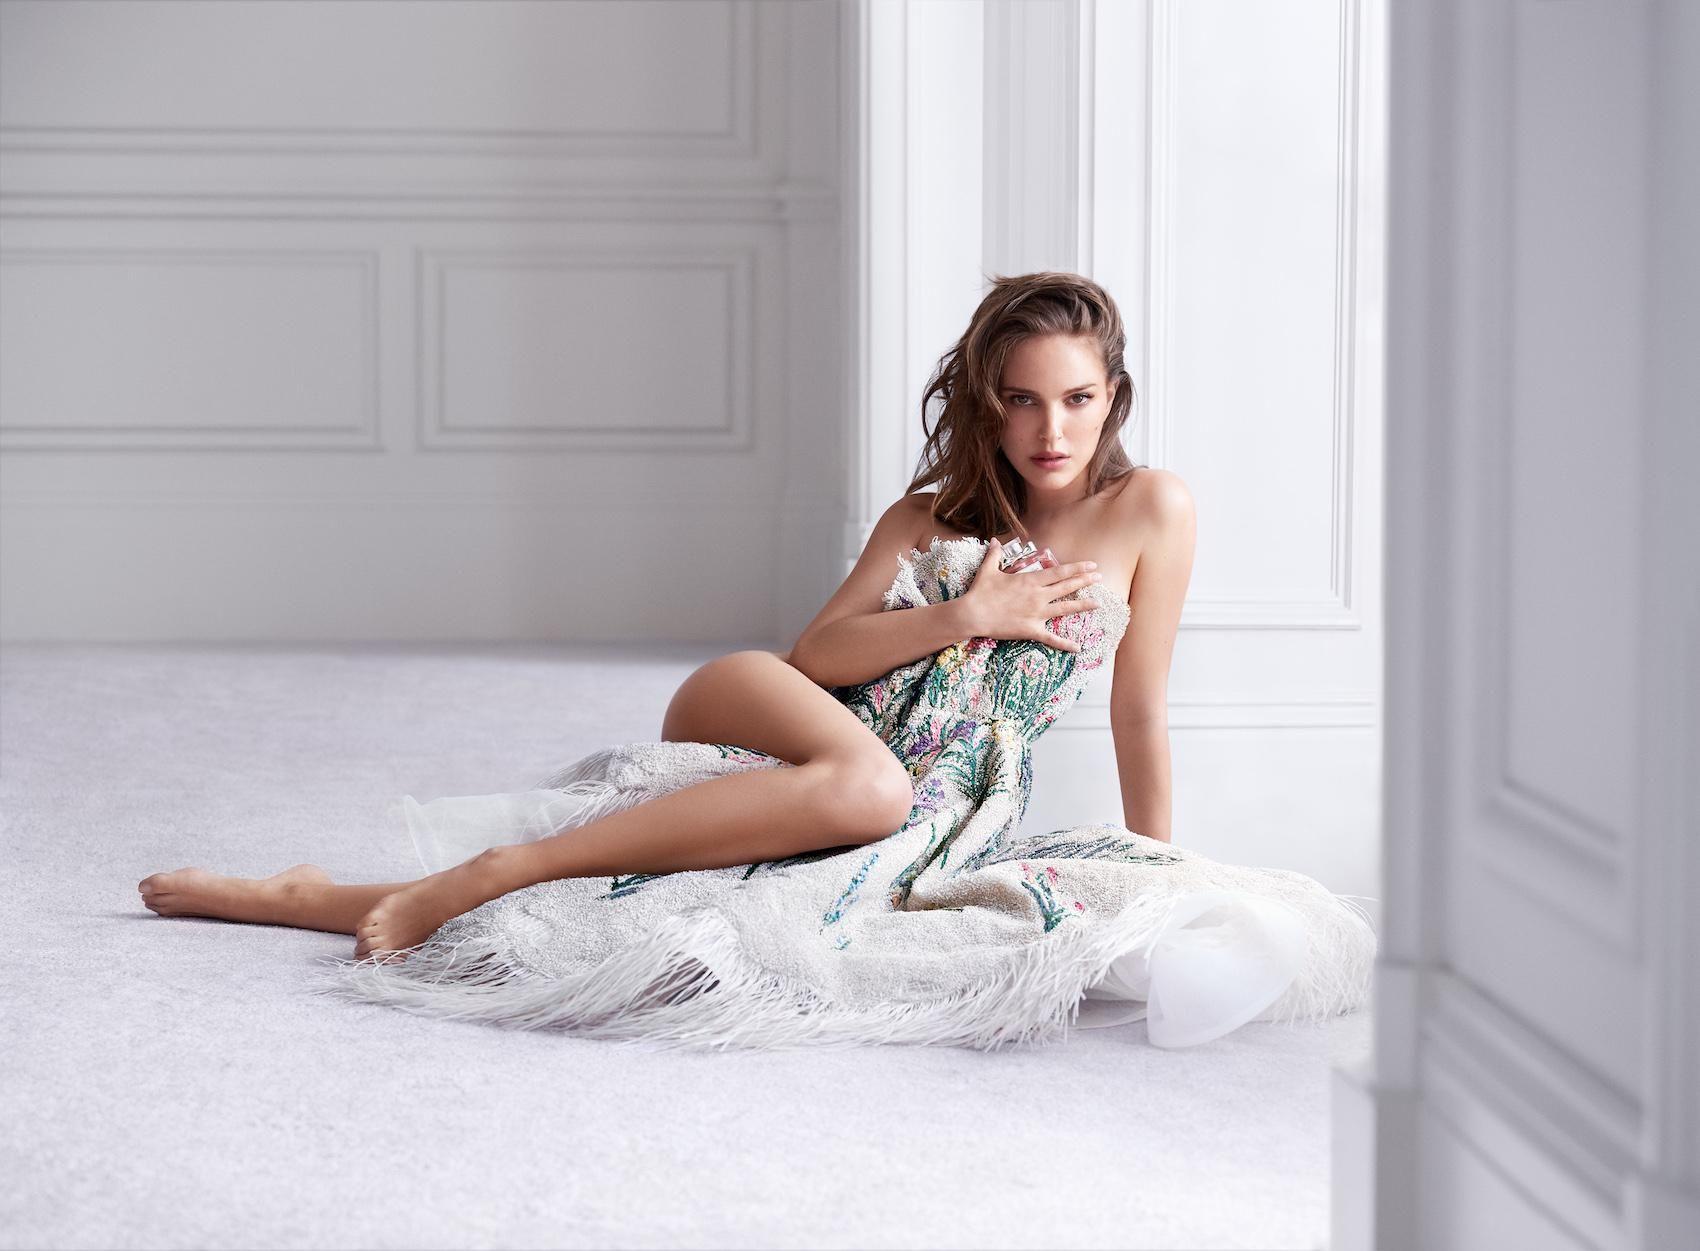 Cleavage Natalie Barrett nude (13 photos), Topless, Sideboobs, Instagram, cleavage 2020